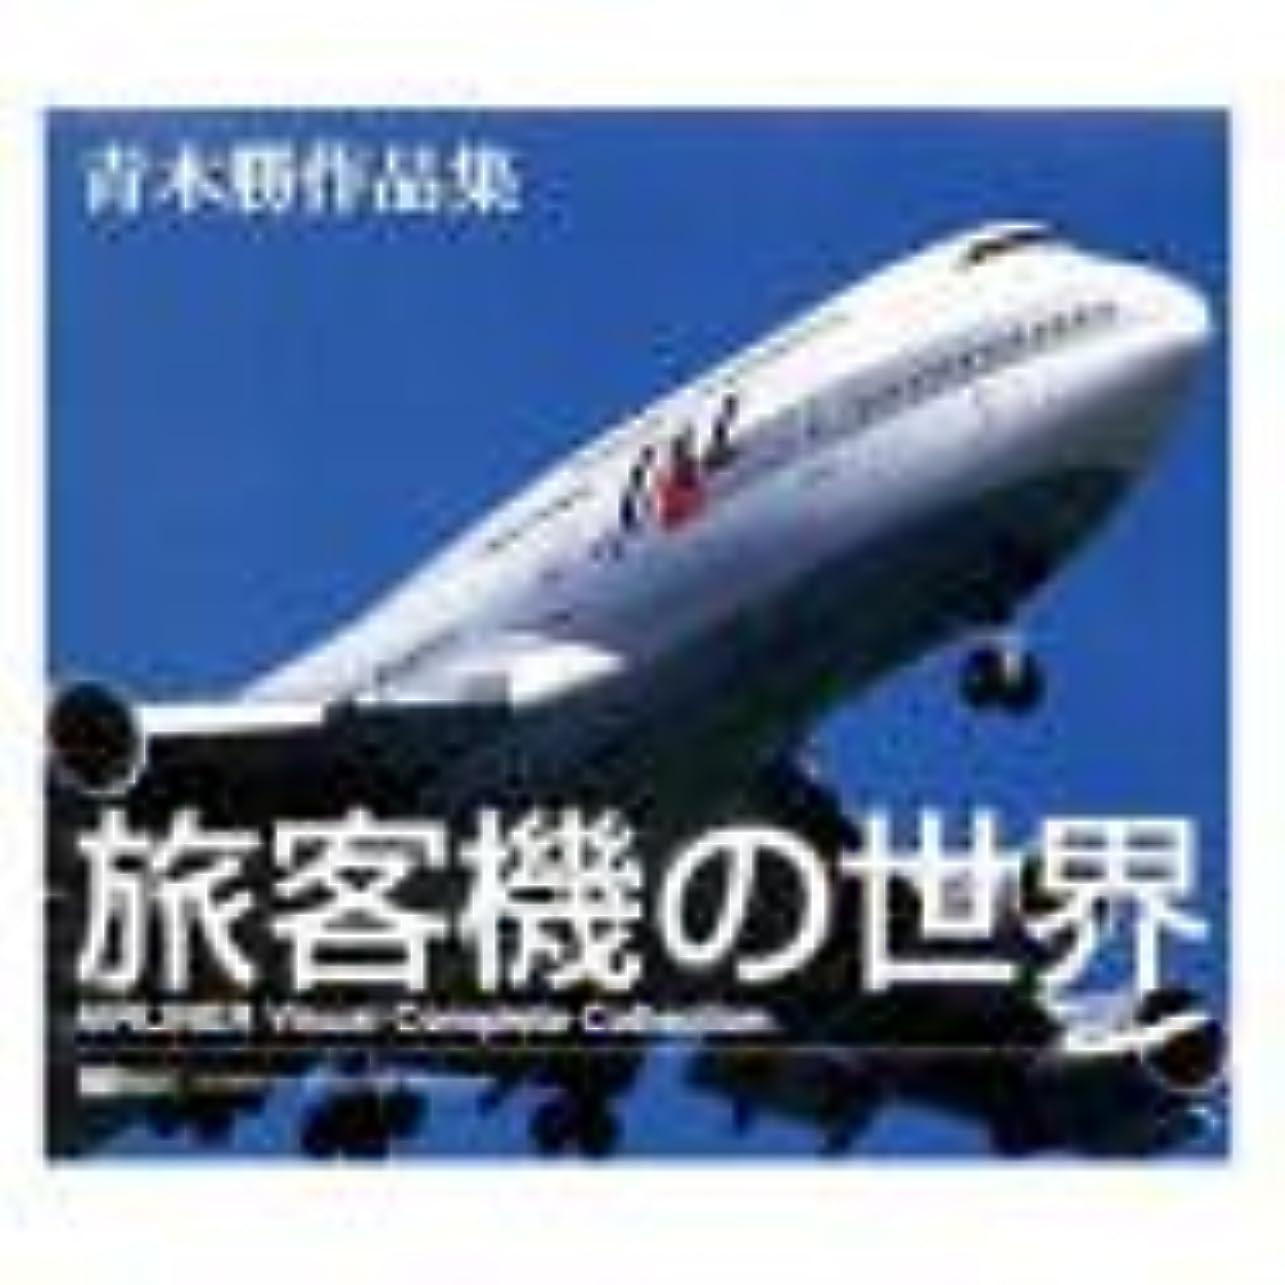 旅客機の世界 青木勝作品集